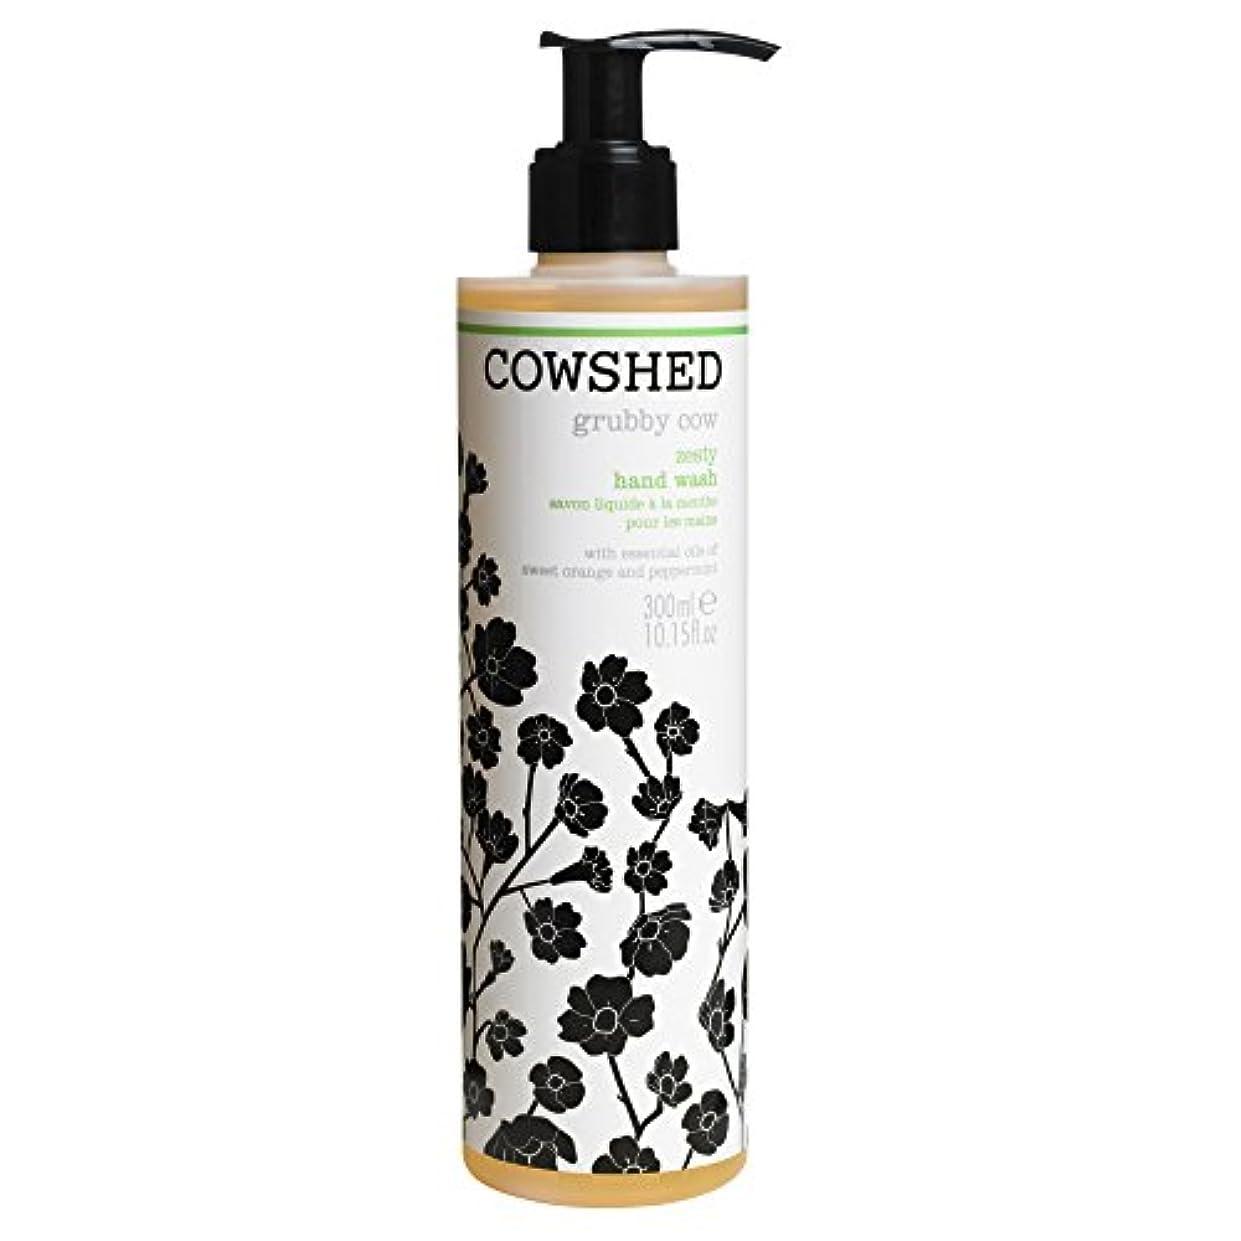 運搬テセウス姿勢牛舎汚い牛ピリッハンドウォッシュ300ミリリットル (Cowshed) - Cowshed Grubby Cow Zesty Hand Wash 300ml [並行輸入品]